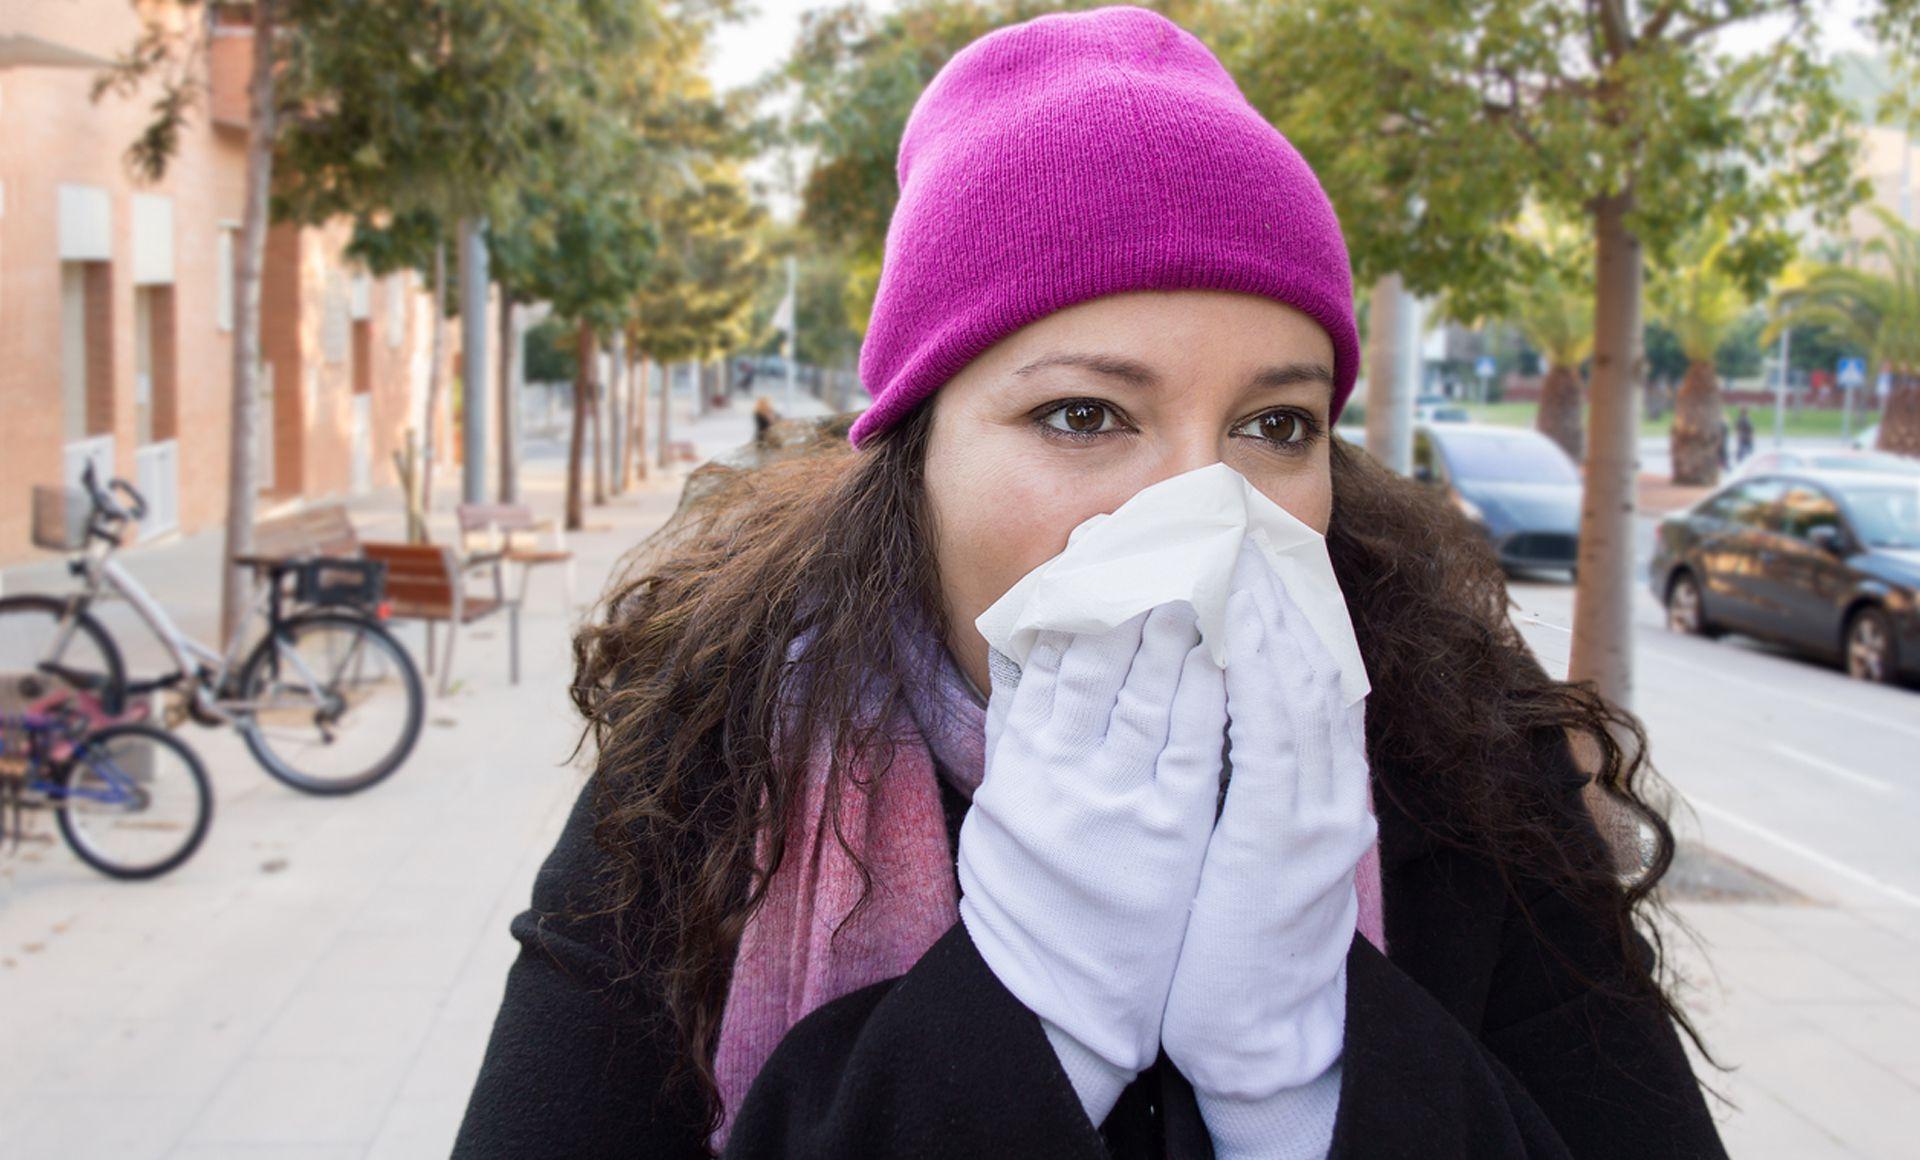 La gripe se contagia uno o dos días antes del inicio de los síntomas y cuatro o cinco después. En el caso de Covid, podemos infectar a otros durante todo el tiempo de incubación, cinco días en promedio,